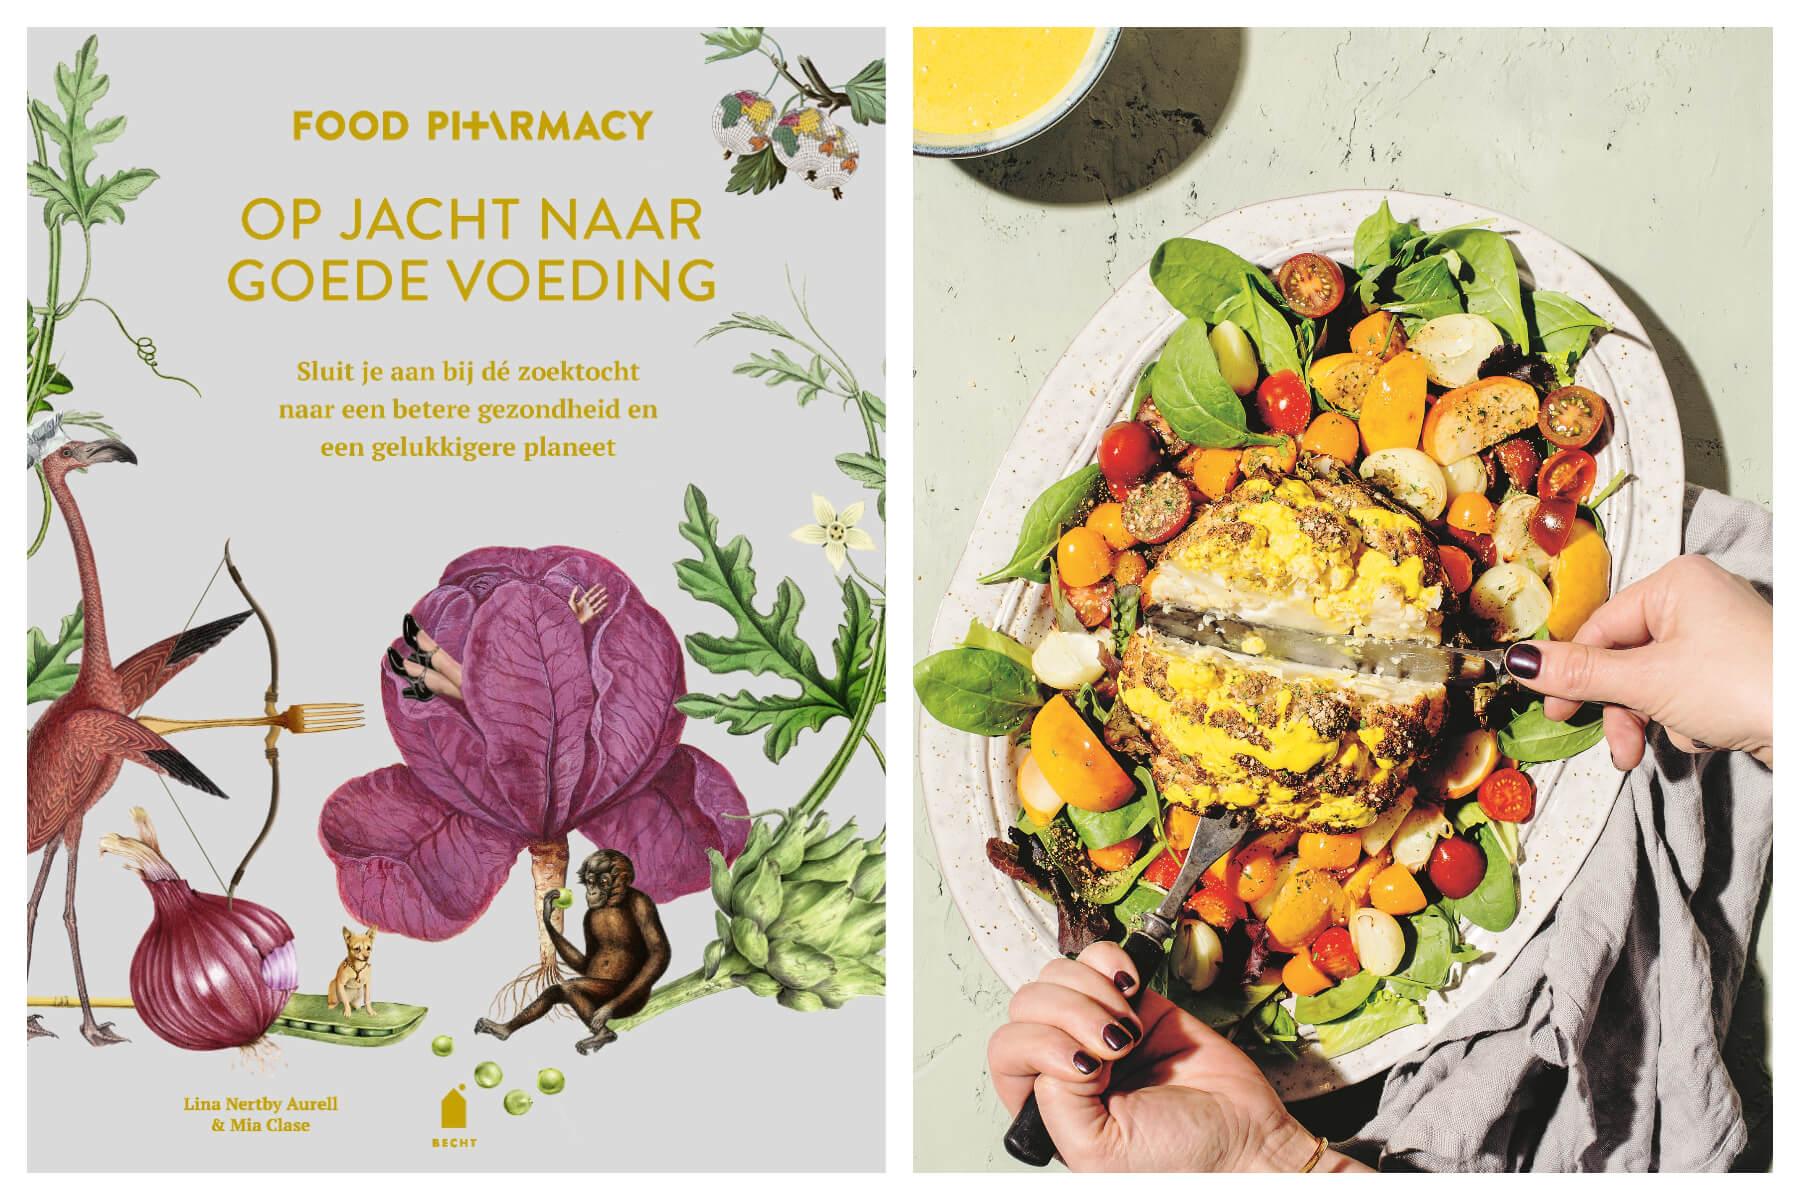 Review: Op jacht naar goede voeding